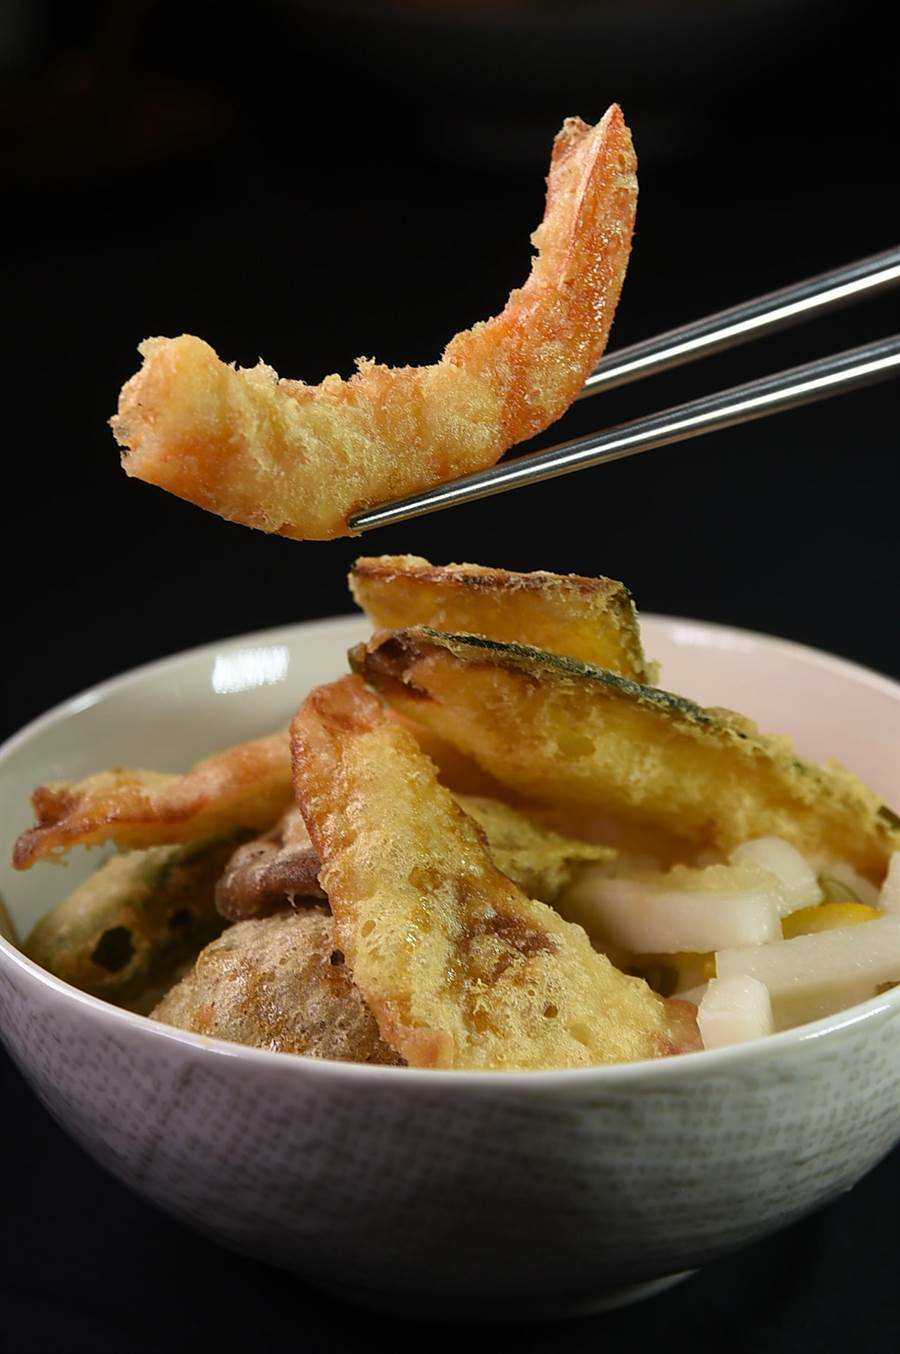 〈褐藻天丼定食〉的炸蝦天婦羅是用藍鑽蝦炸製,麵衣薄脆、蝦肉細緻。(圖/姚舜)